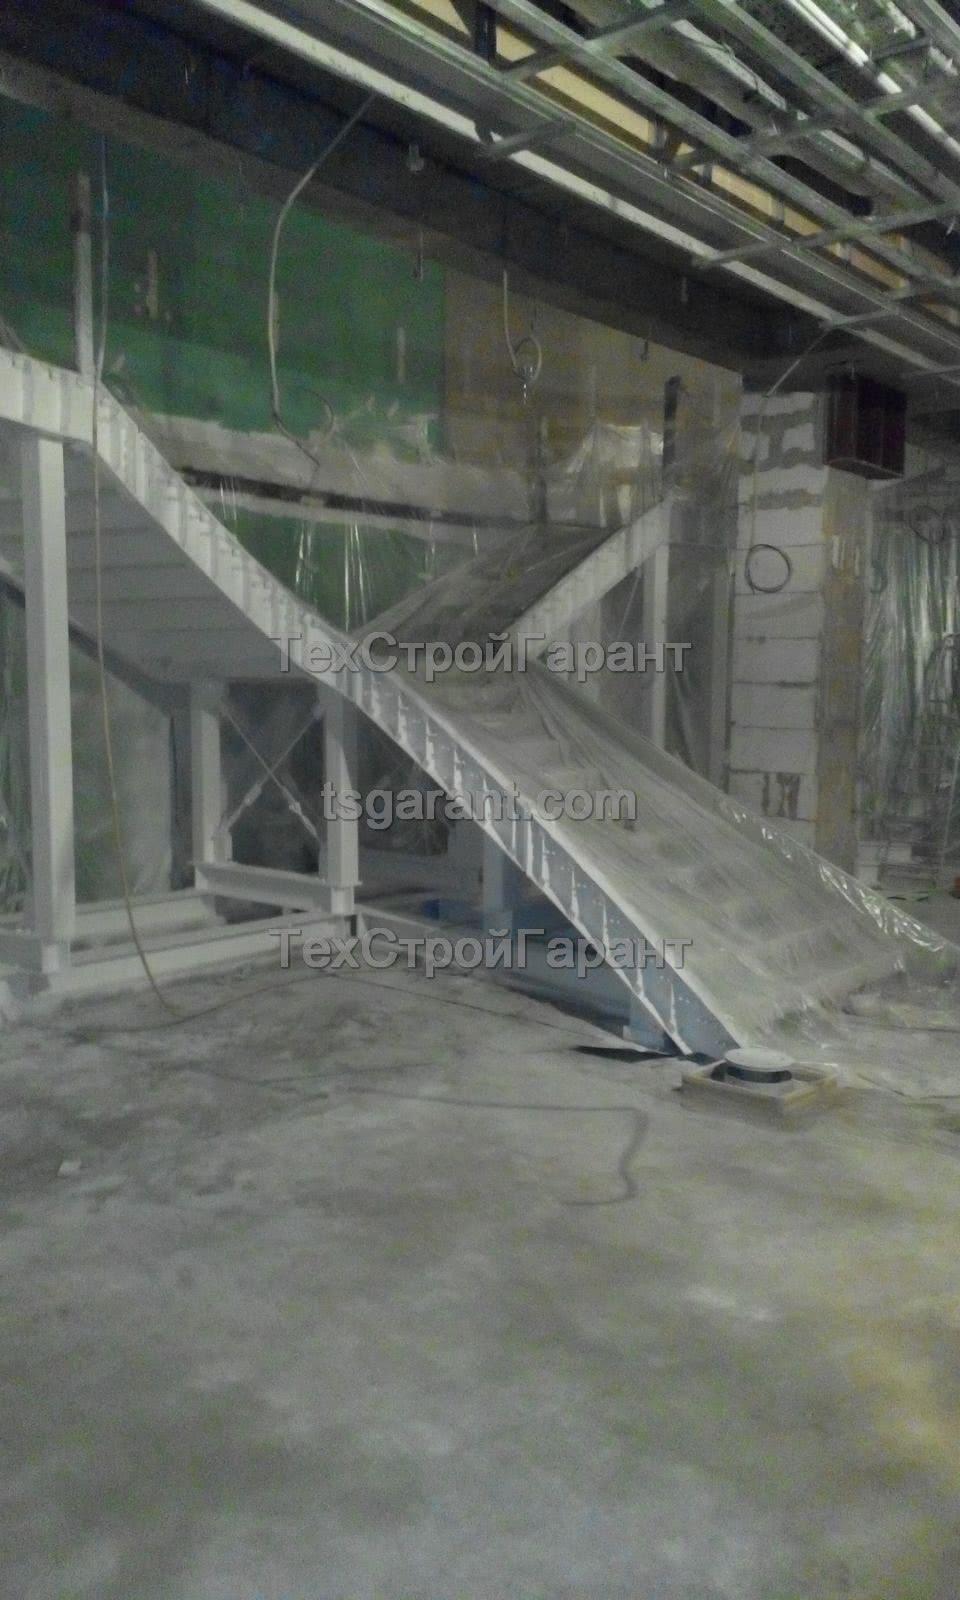 тонкослойное лакокрасочное покрытие лестницы специалистами ТехСтройГарант